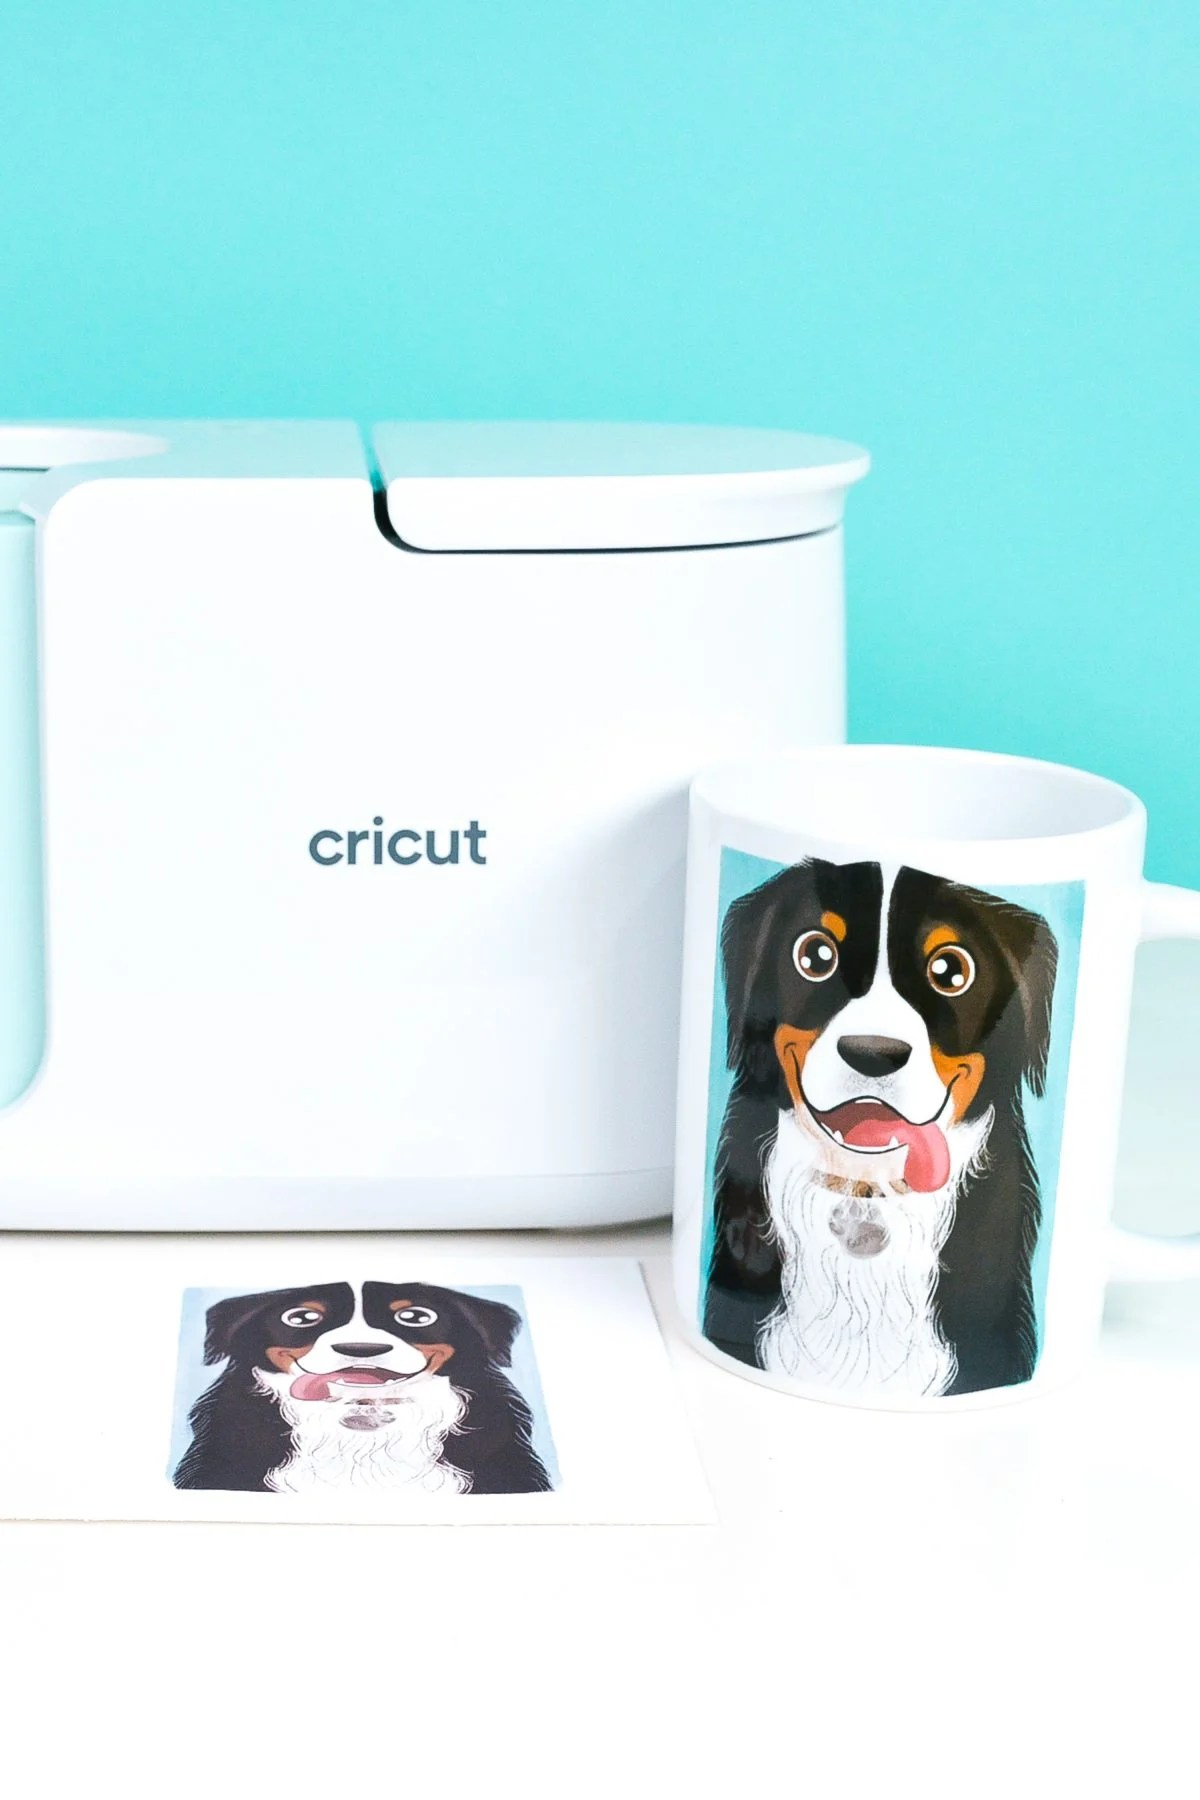 Cricut Mug Press with Dog mug and transfers